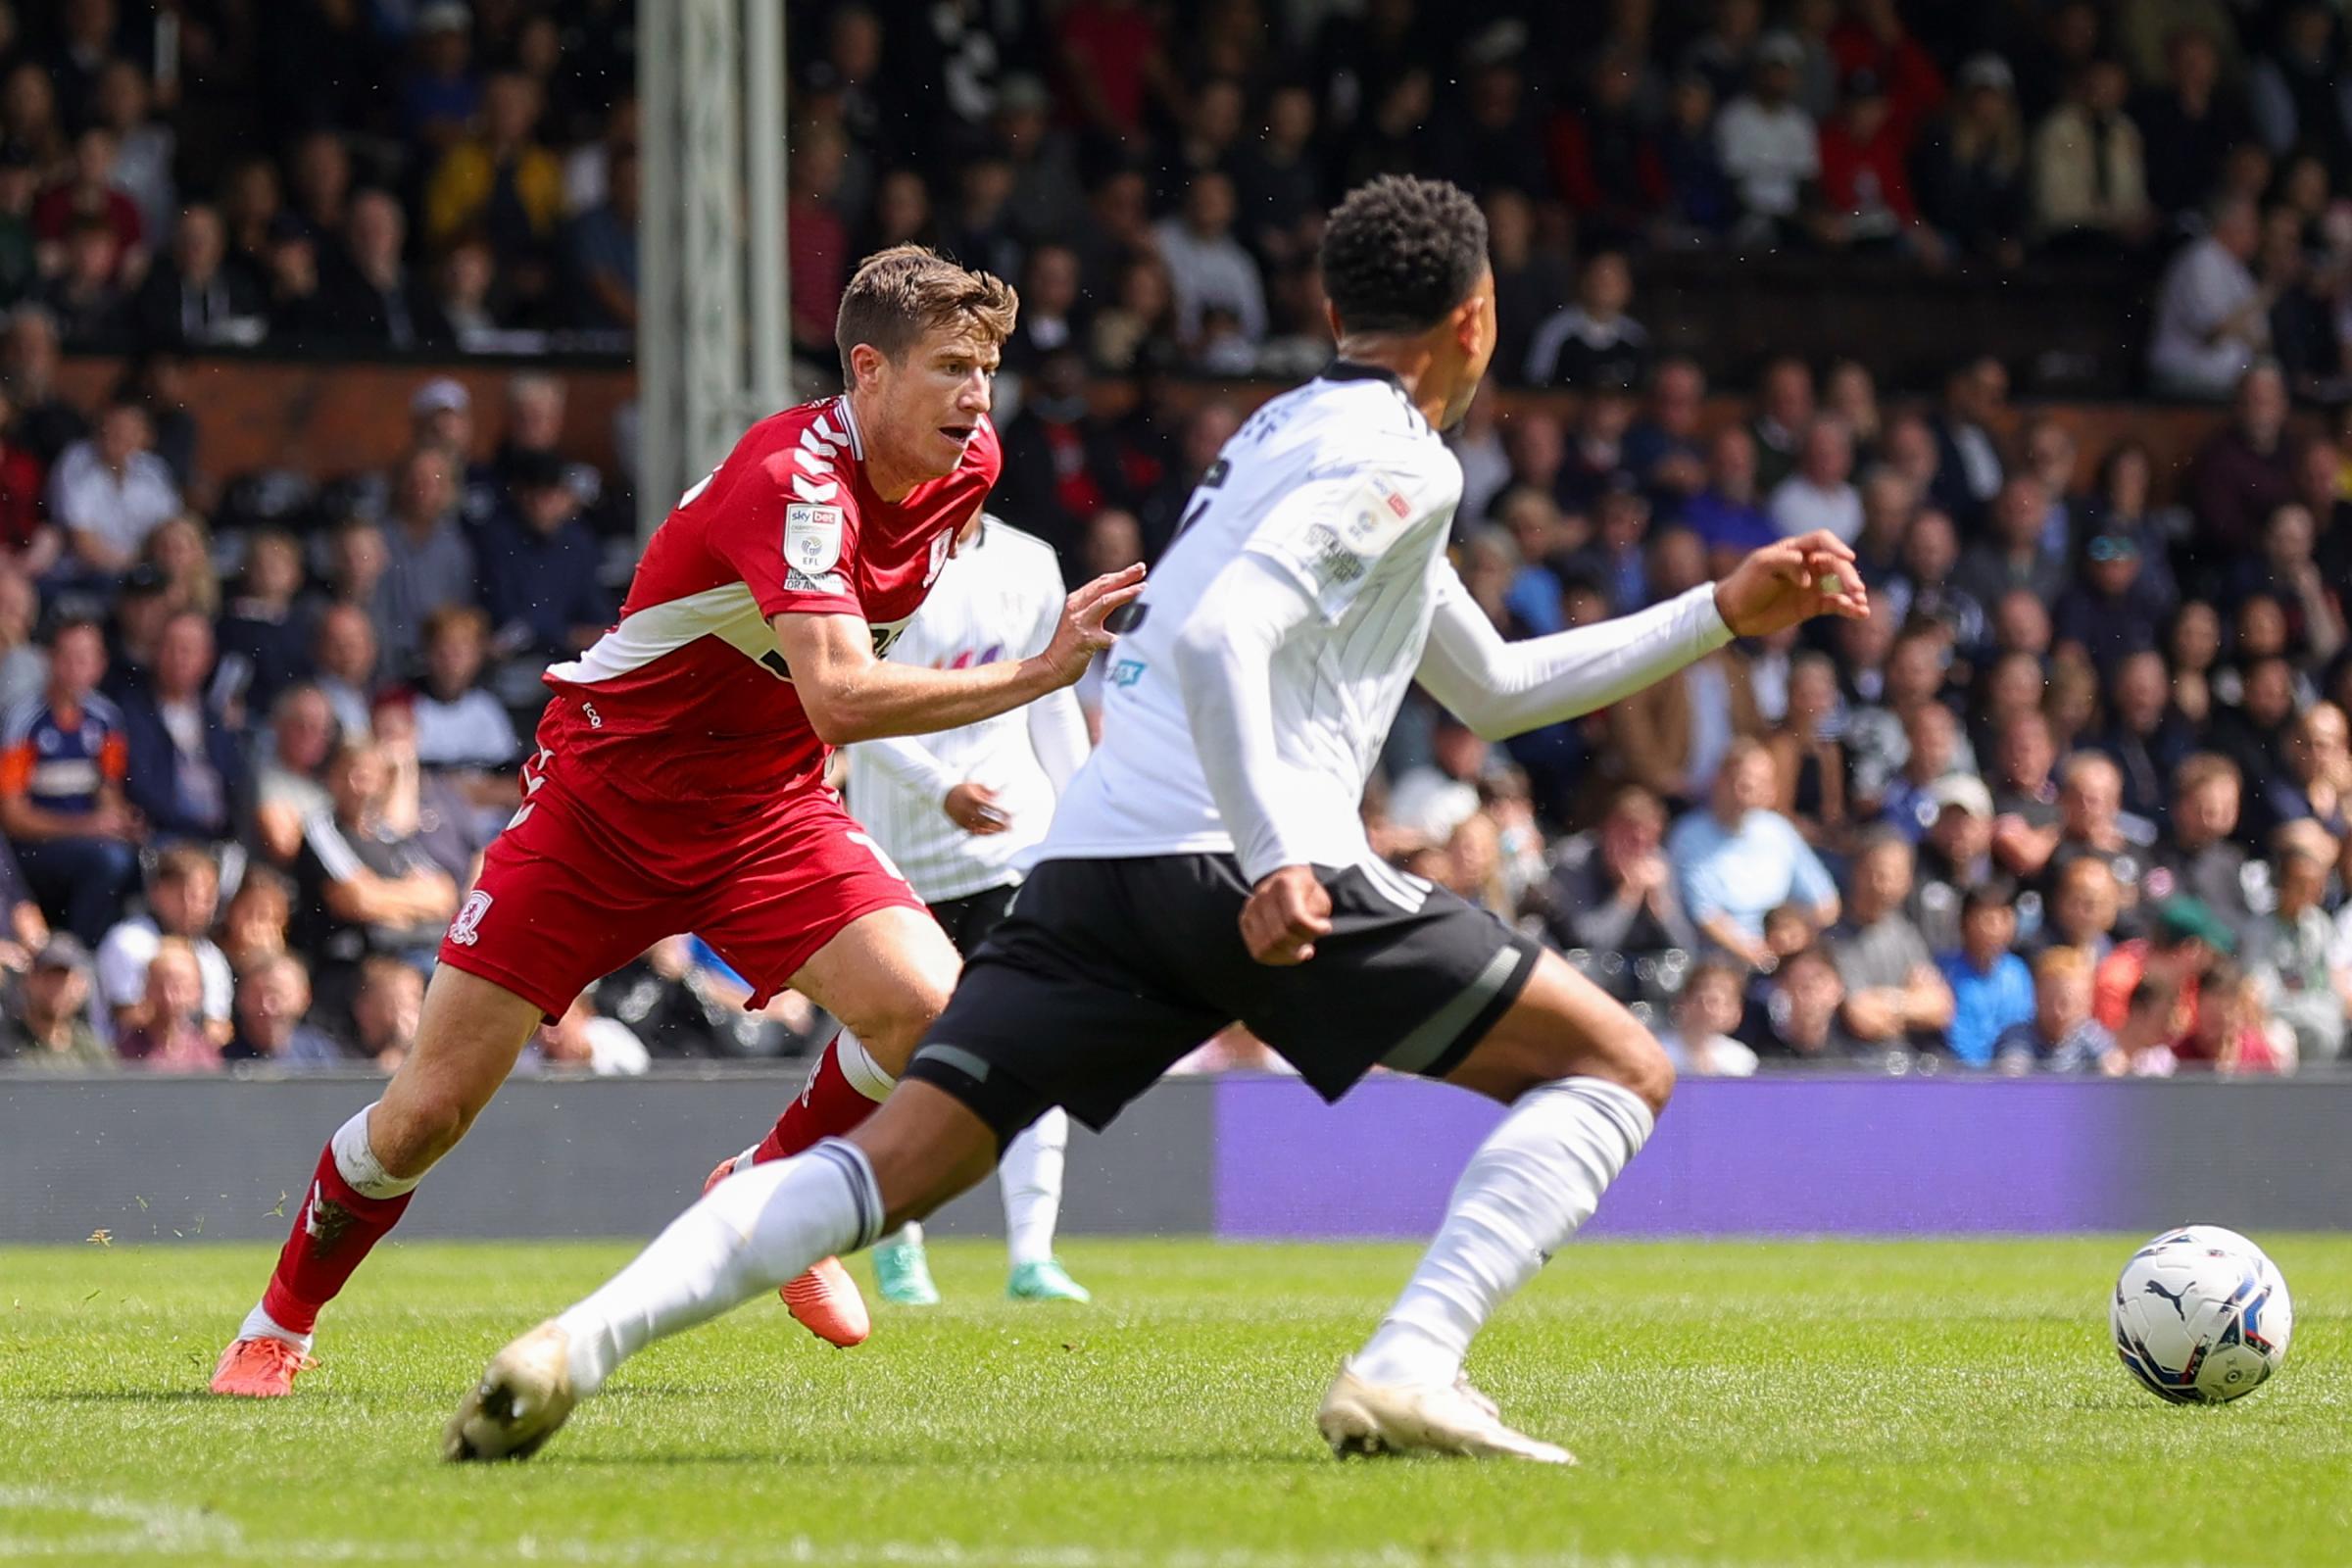 LIVE BLOG: Fulham 1-0 Middlesbrough (Championship)